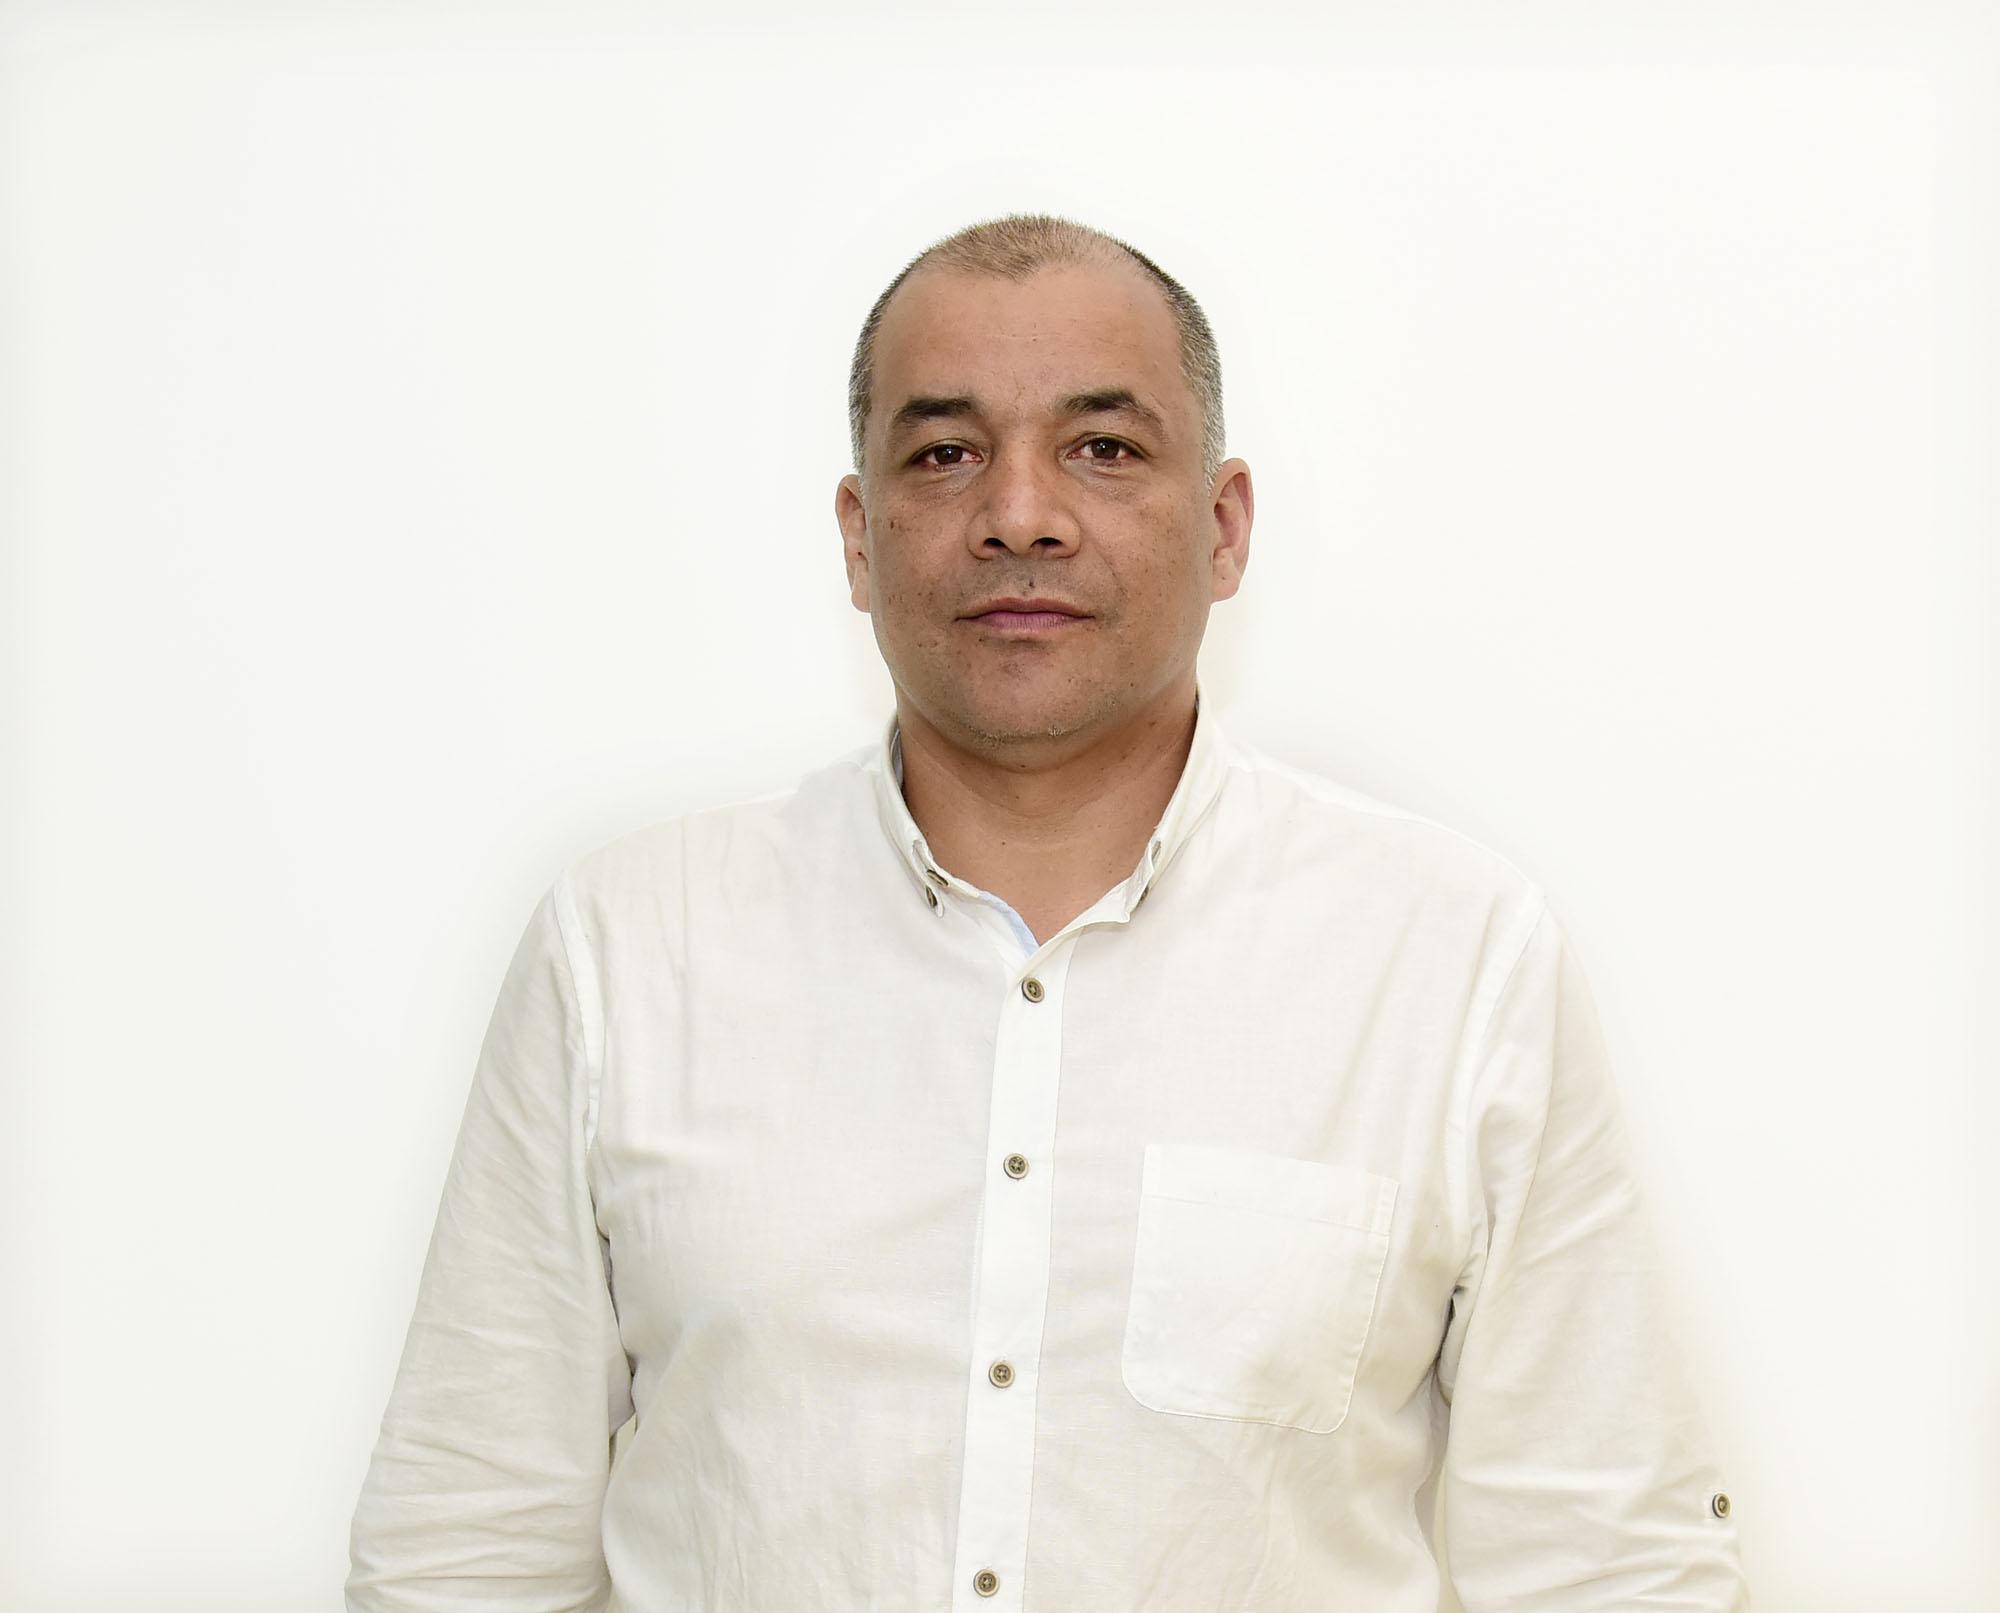 Mario Alfonso Pardo Pardo